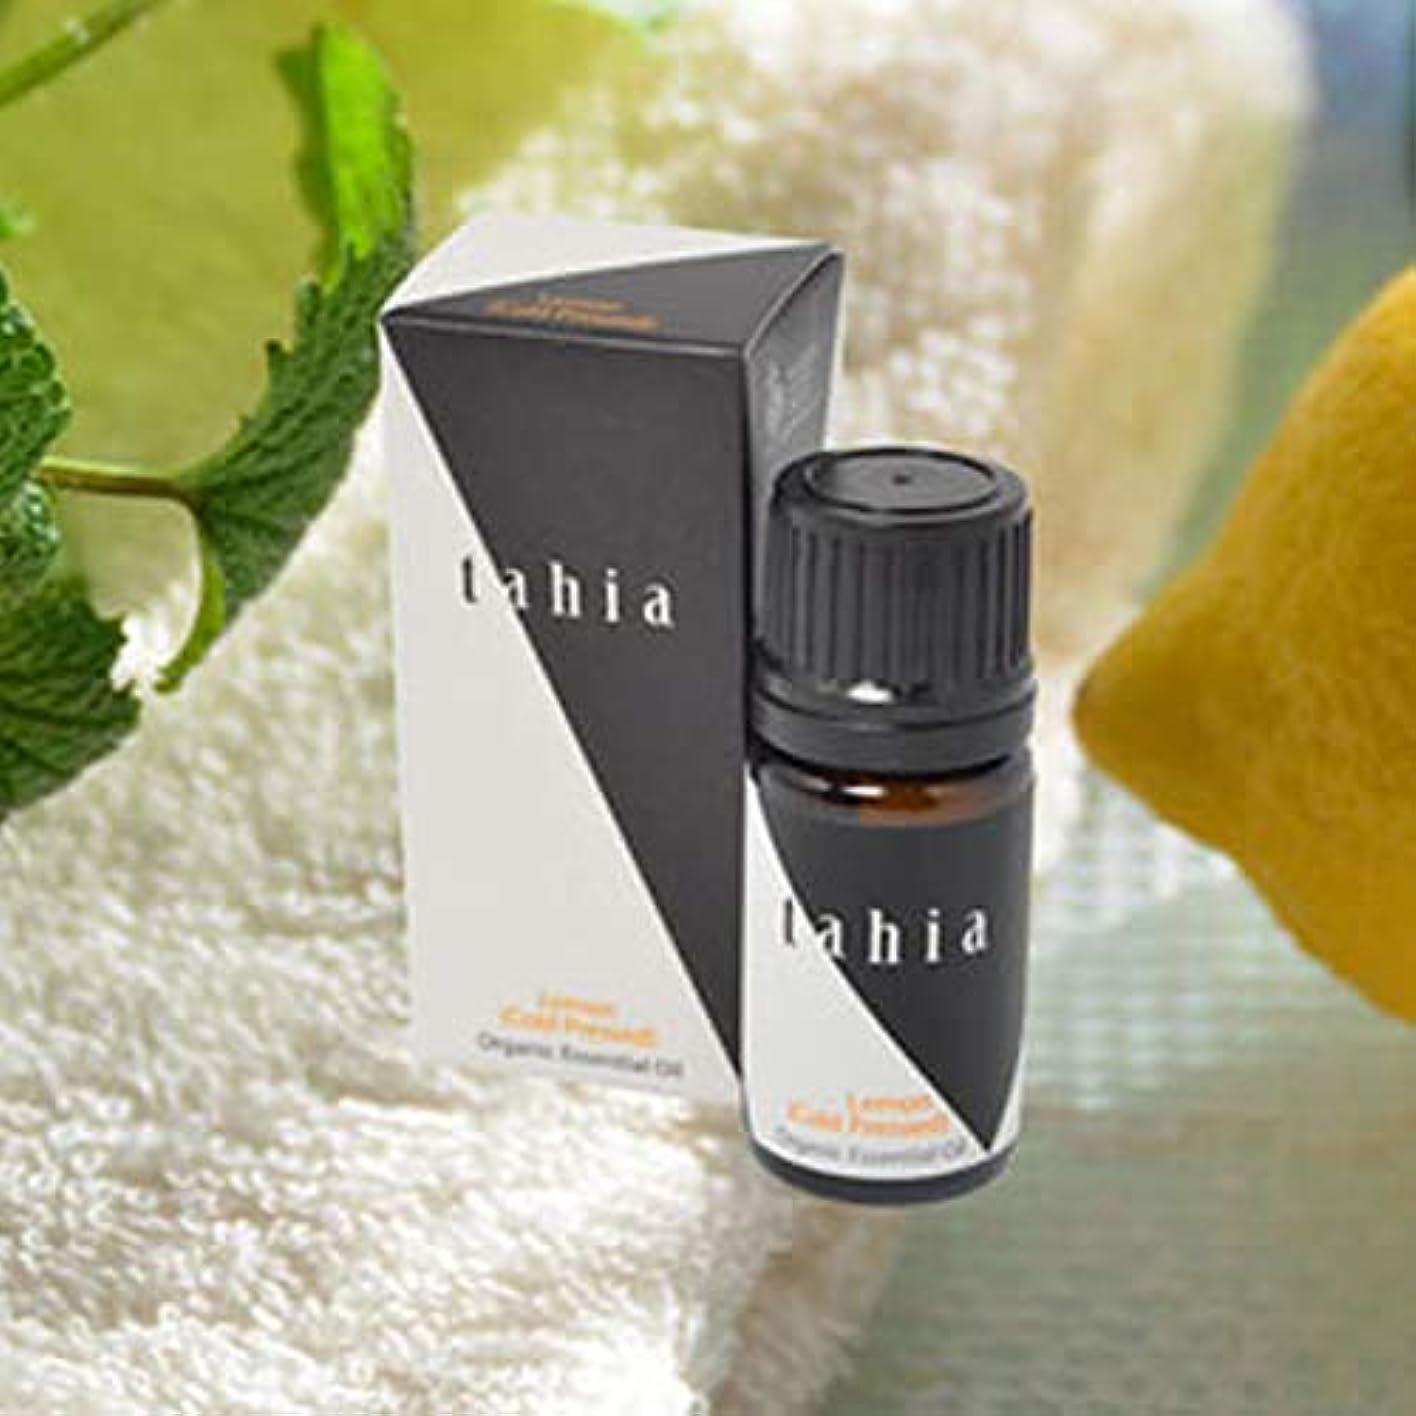 聖人タイピストヒールタツフト タヒア tahia レモン エッセンシャルオイル オーガニック 芳香 精油